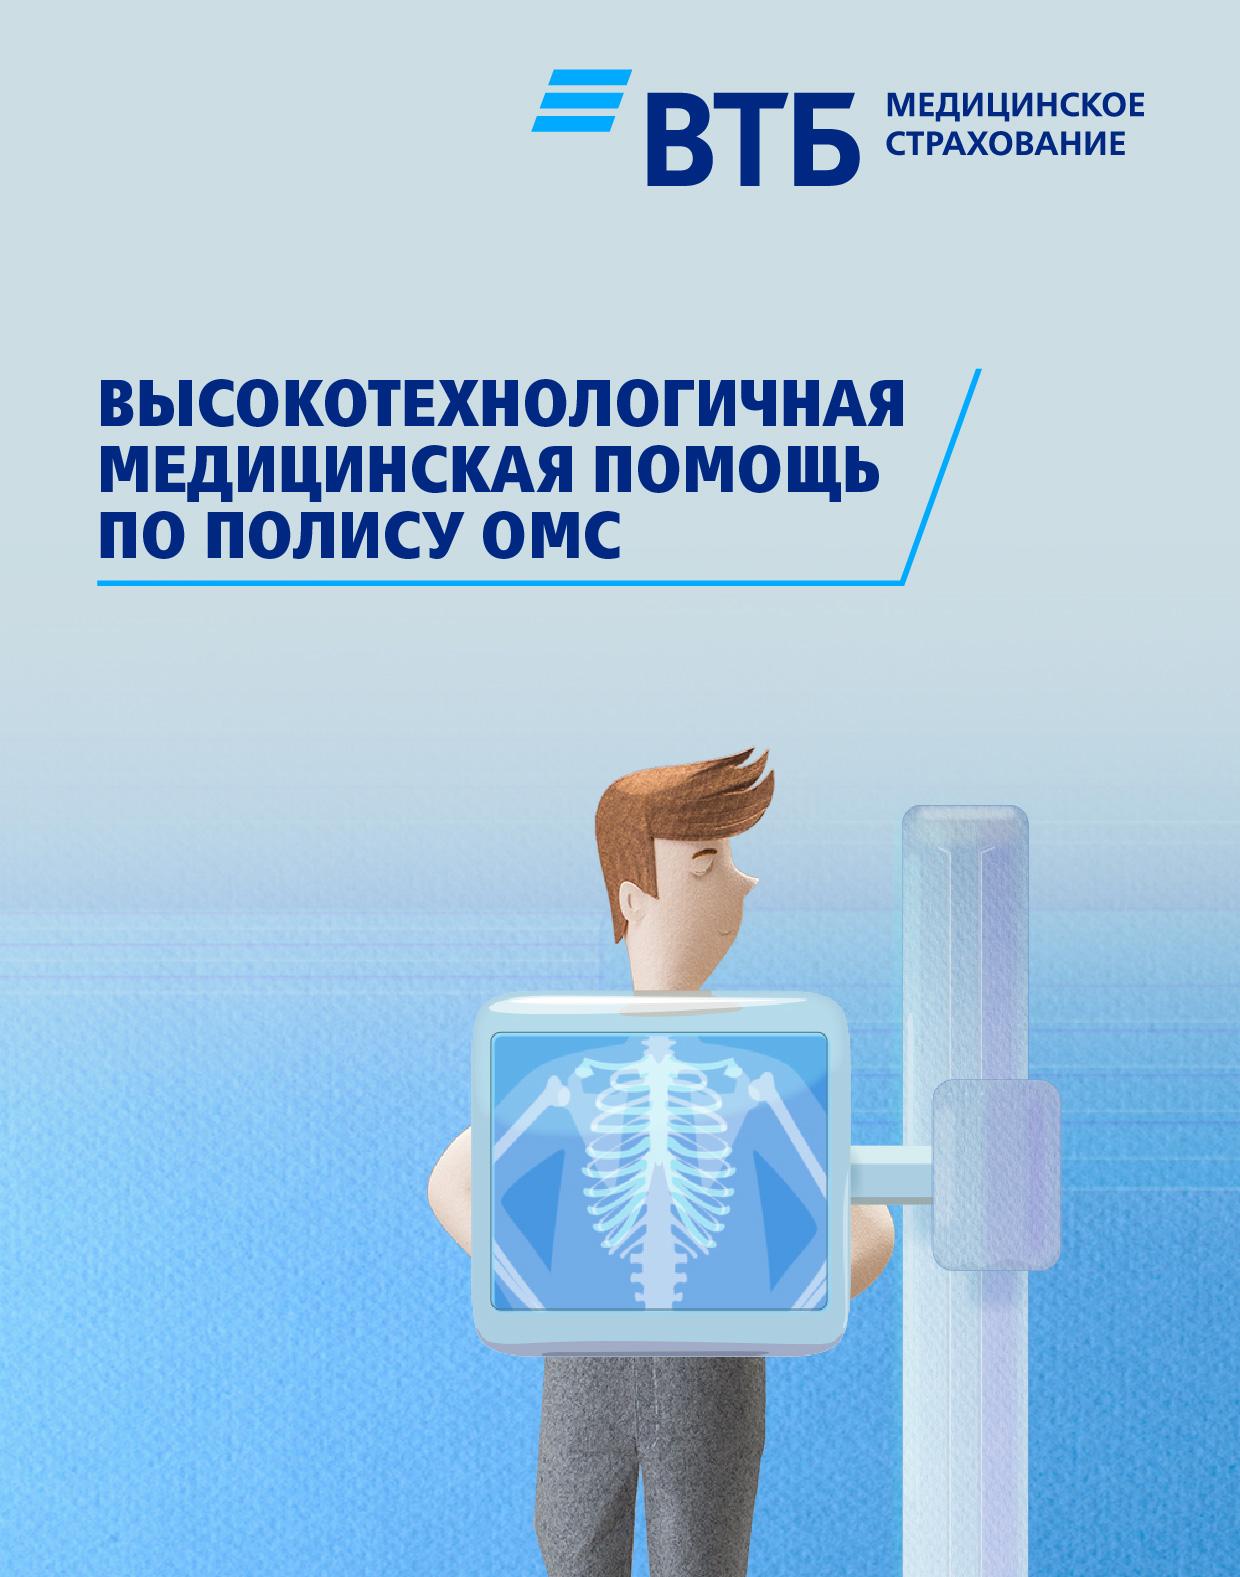 ВТБ Медицинское страхование рассказывает о высокотехнологичной медицинской помощи в системе ОМС